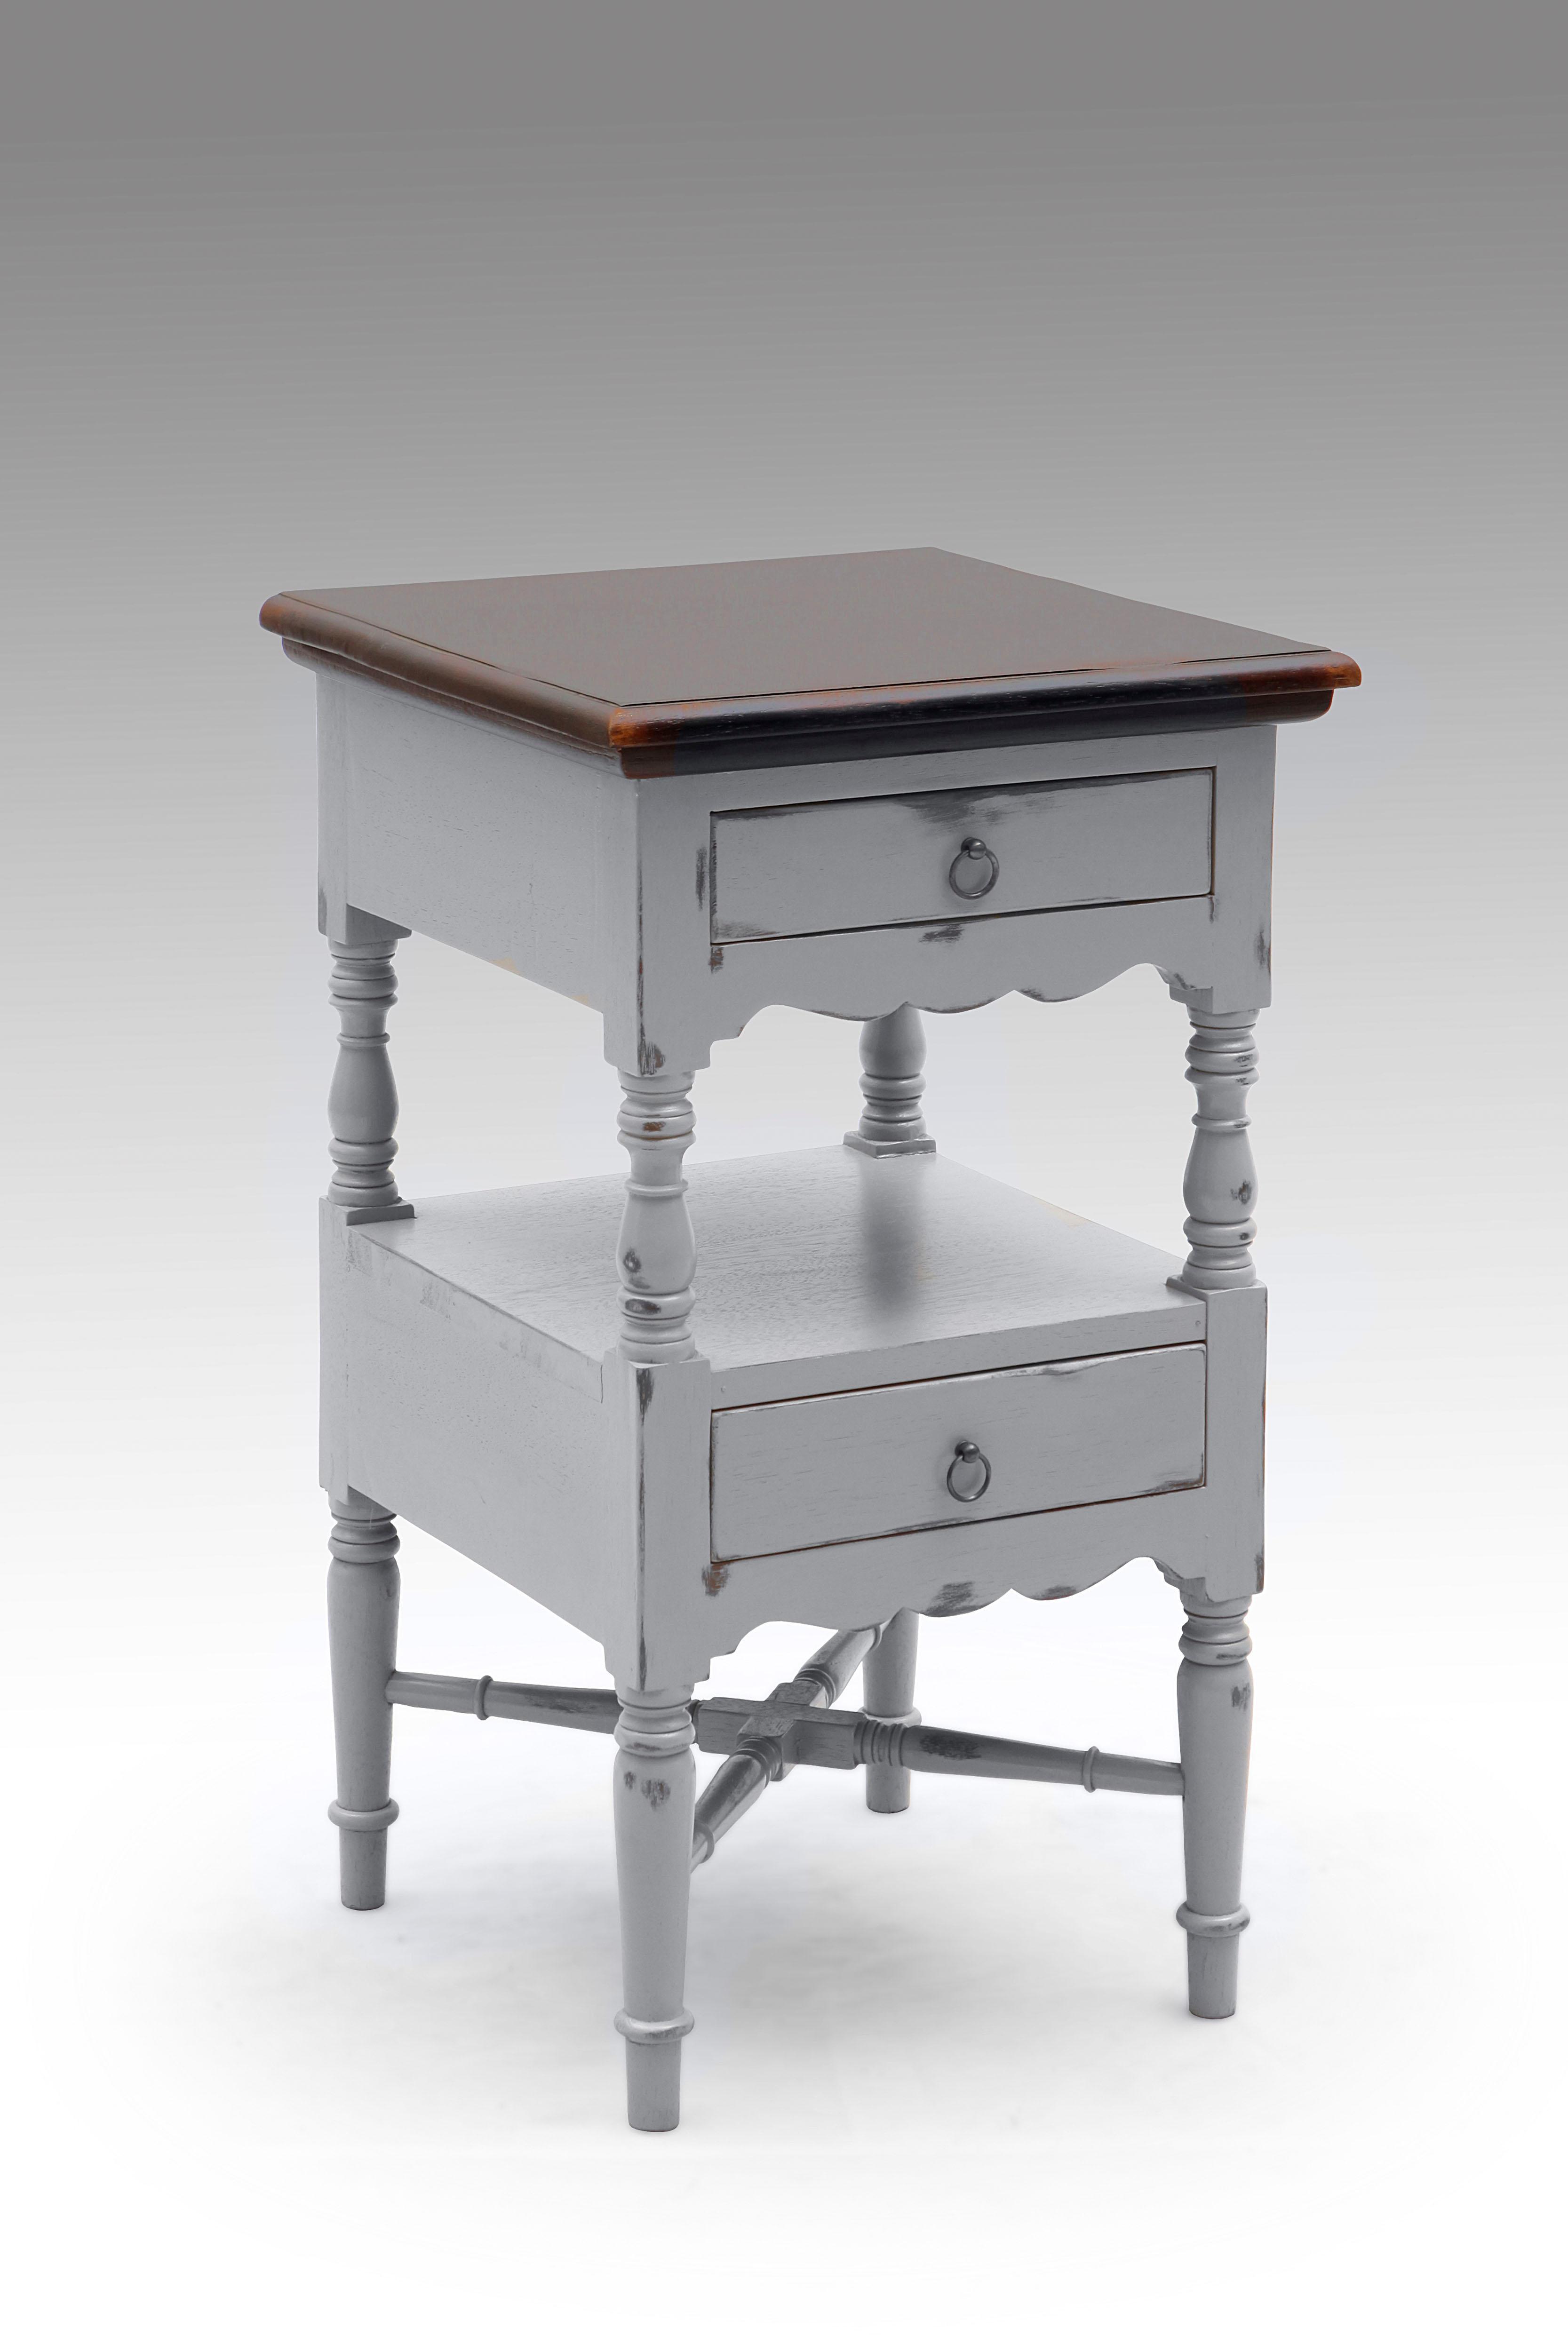 SIT Beistelltisch Spa Wohnen/Möbel/Tische/Beistelltische